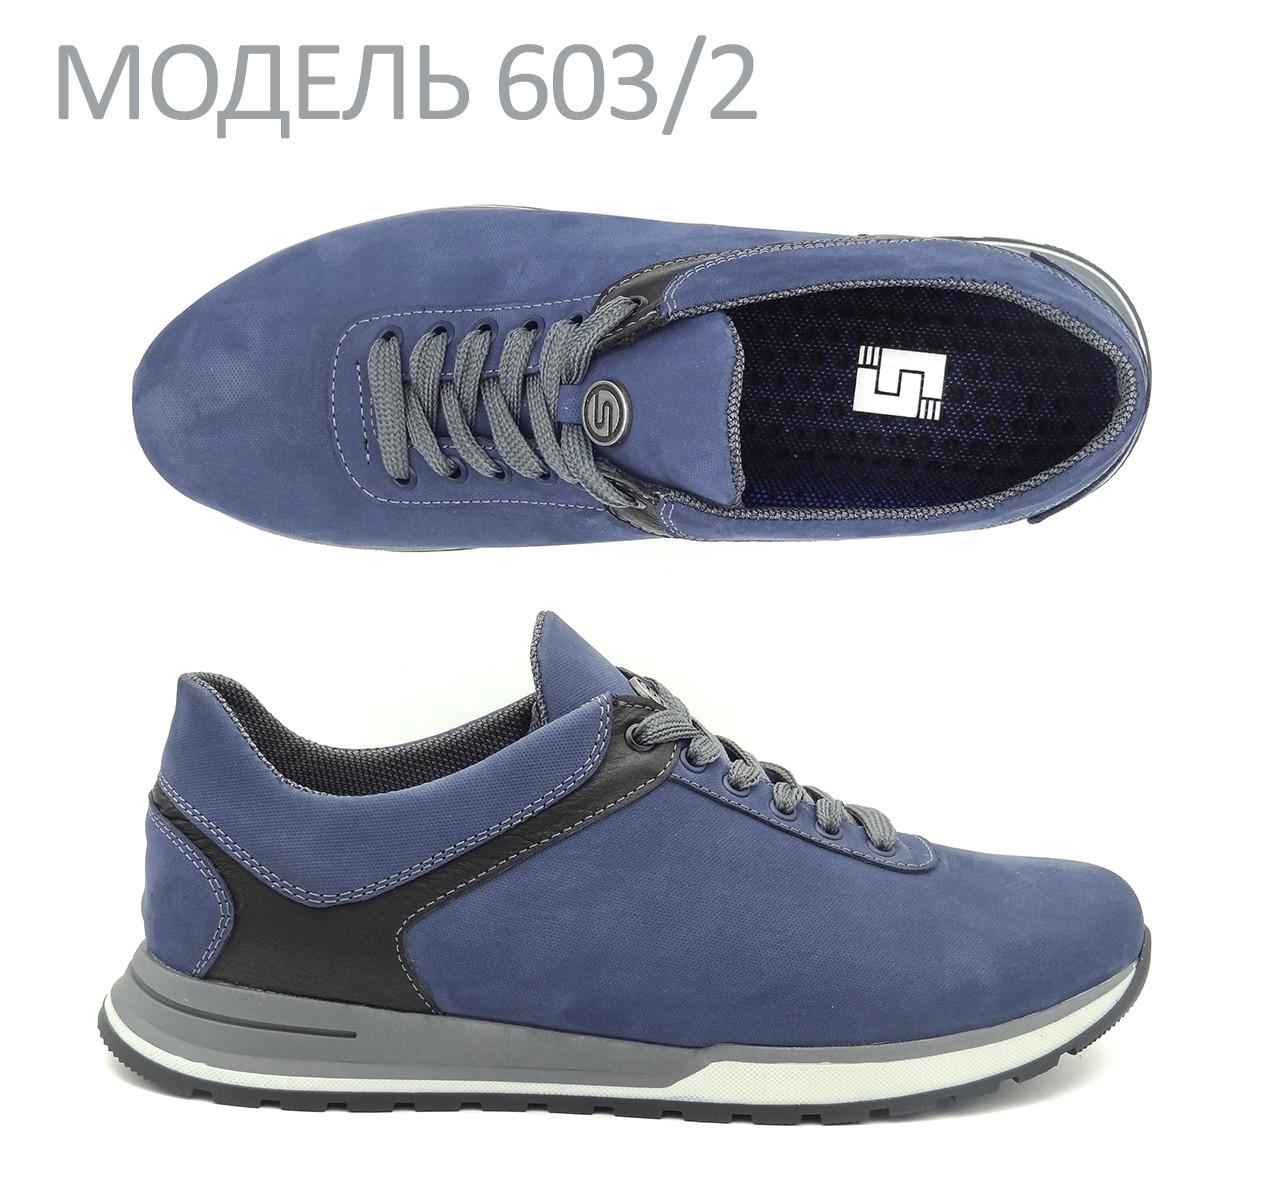 5e21f3385 Комфортные кожаные мужские кроссовки синего цвета с контрастной черной  вставкой